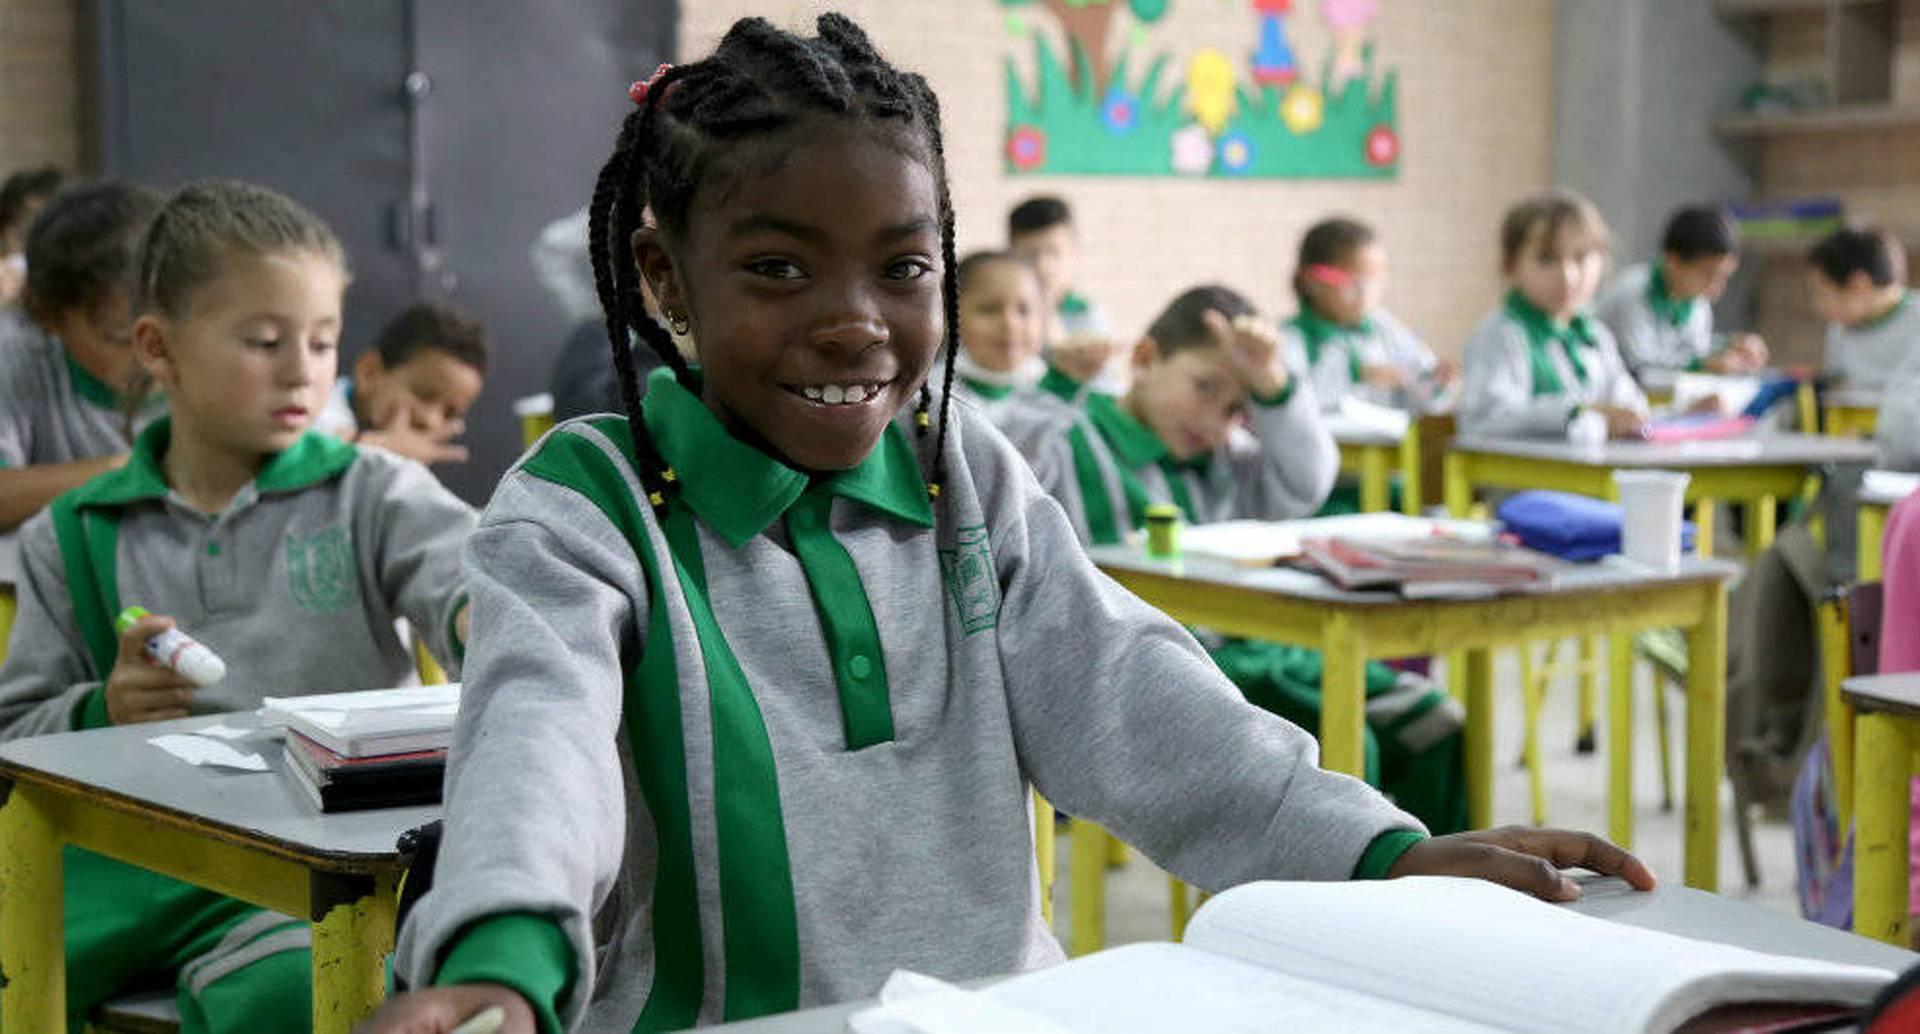 El traslado también aplica para aquellos estudiantes que estén en colegios bajo el modelo de  administración del servicio educativo o en concesión.